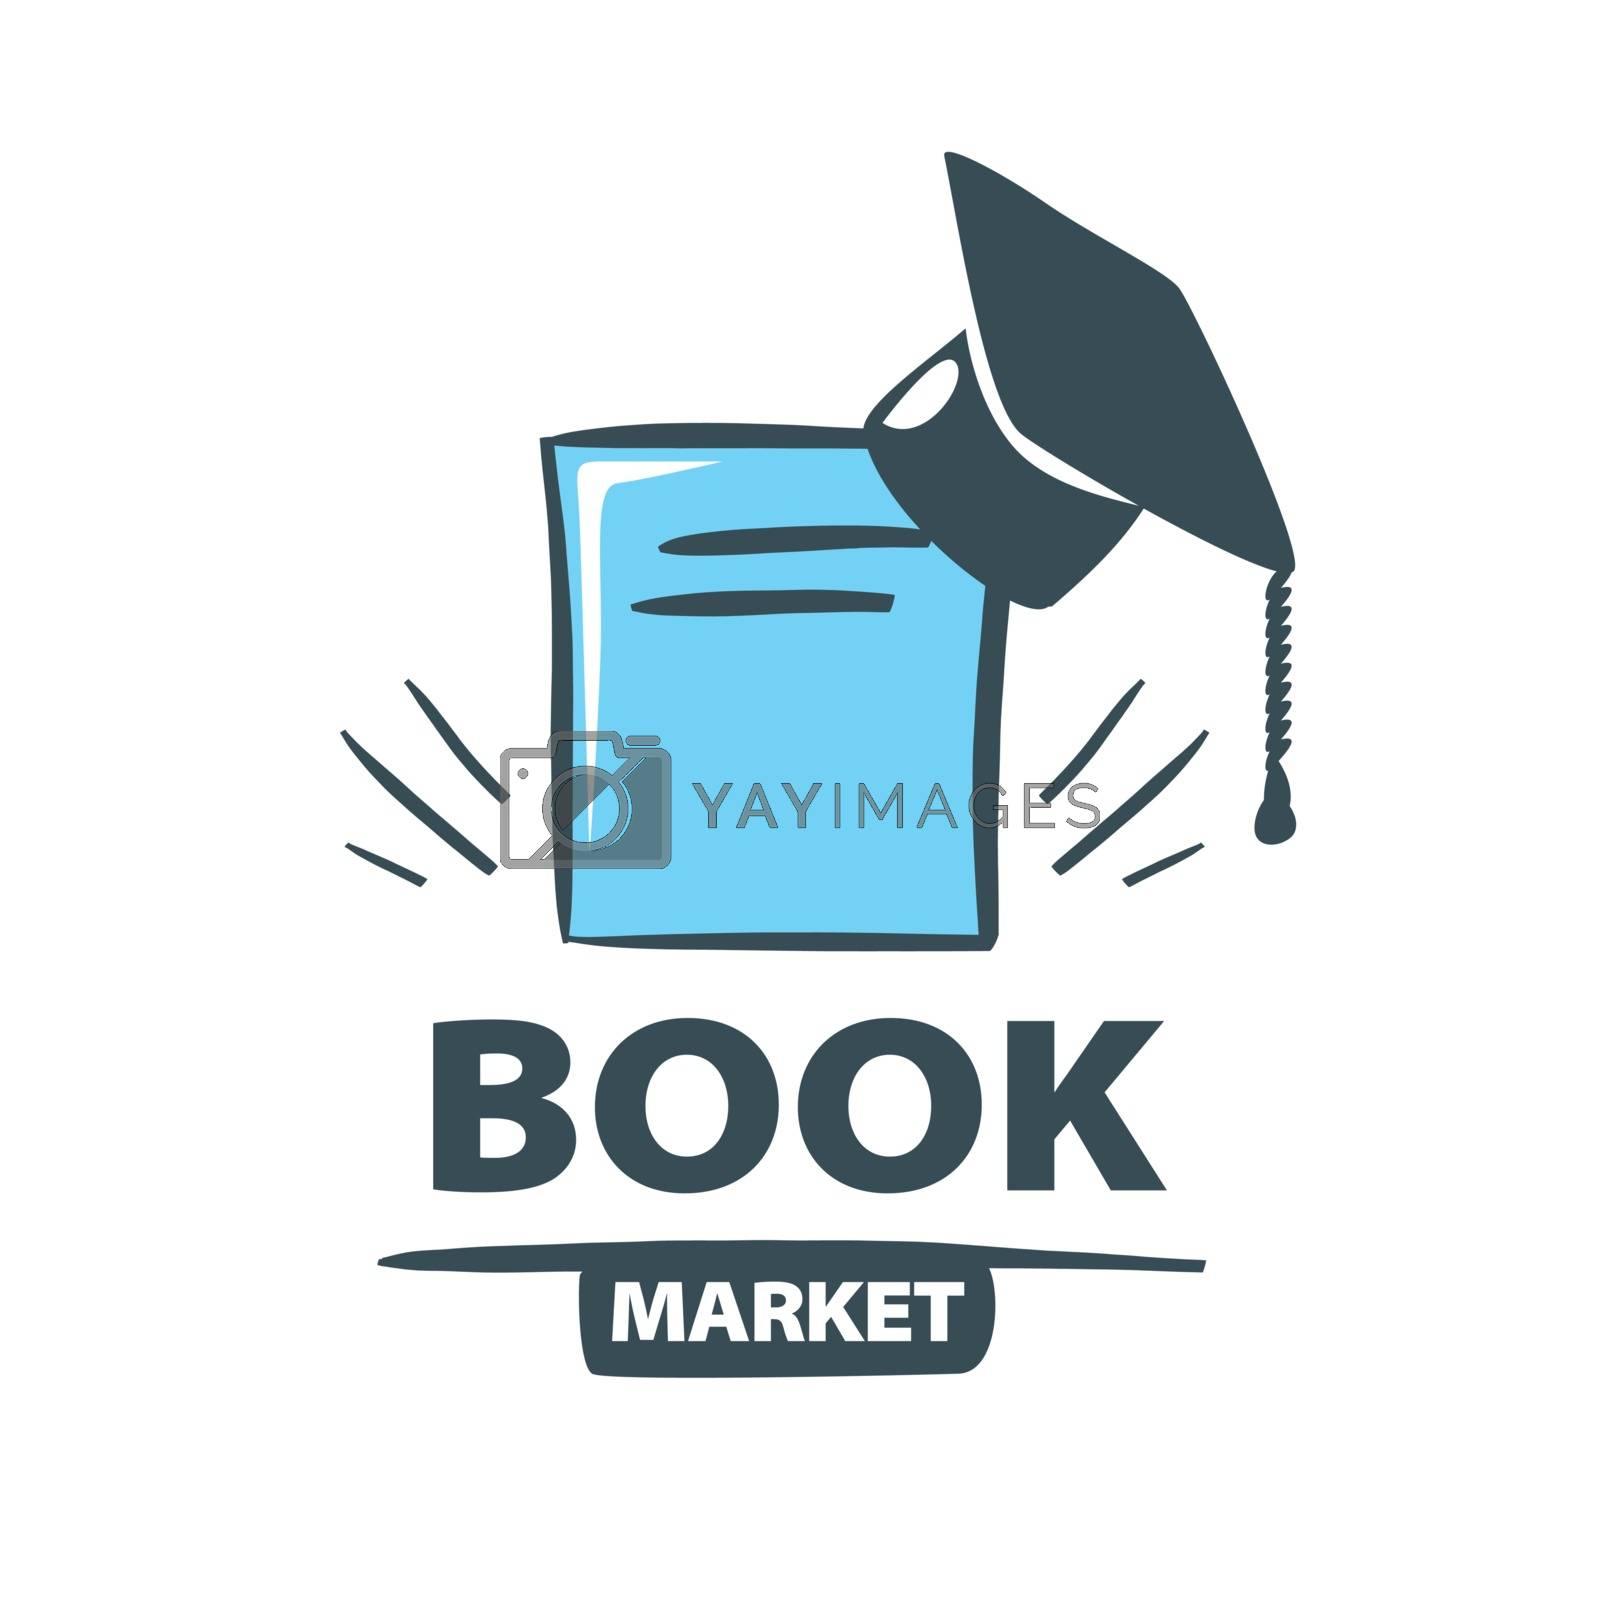 vector logo Oxford cap on the book